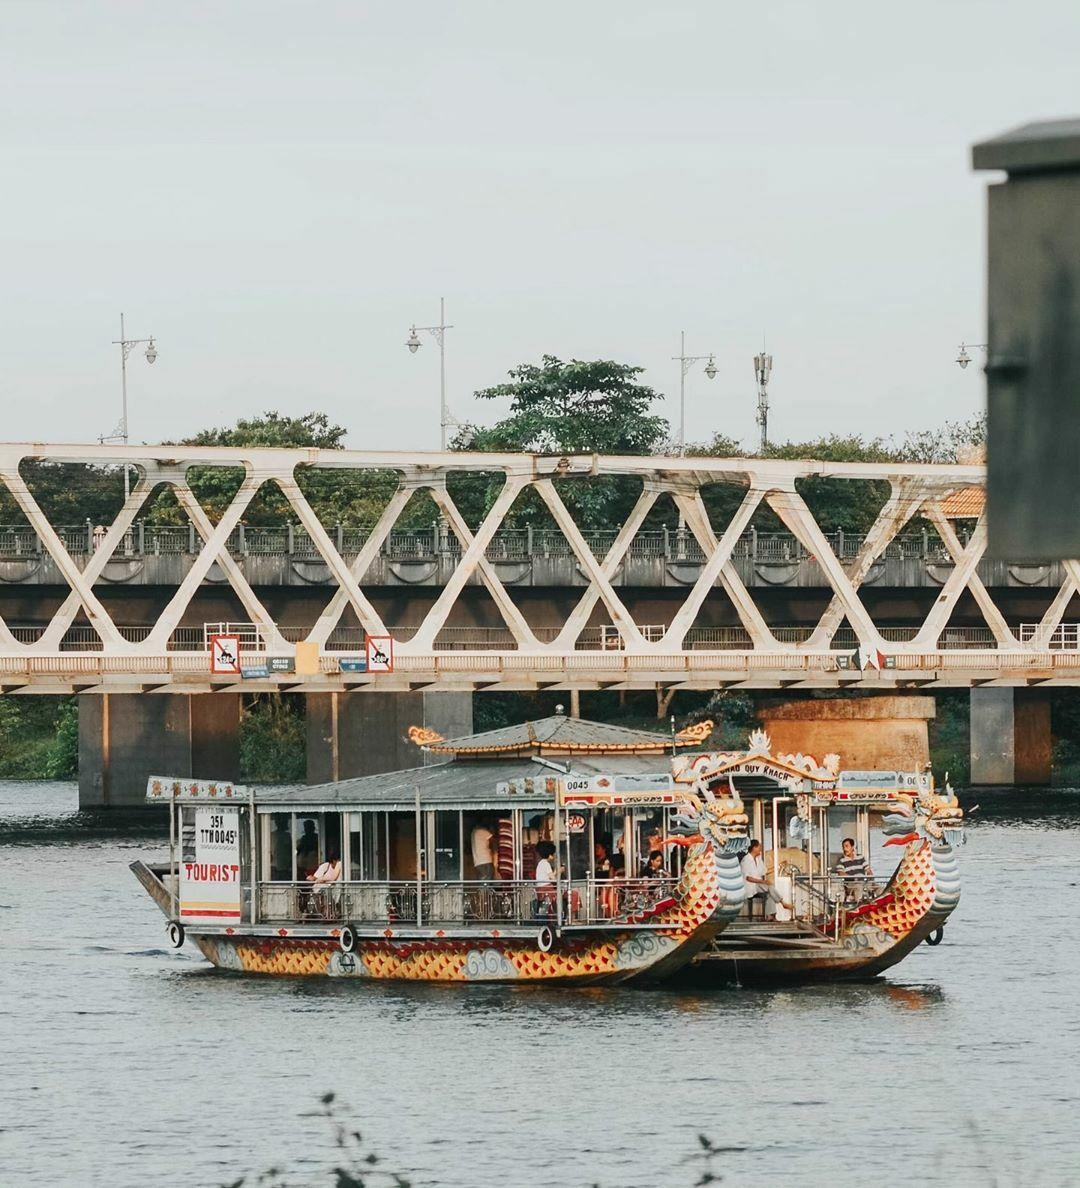 Nhiều du khách thích ngồithuyền rồng nghe ca Huế trên sông Hương. Phía sau là cầu đường sắt Bạch hổ và cầu Dã Viên.